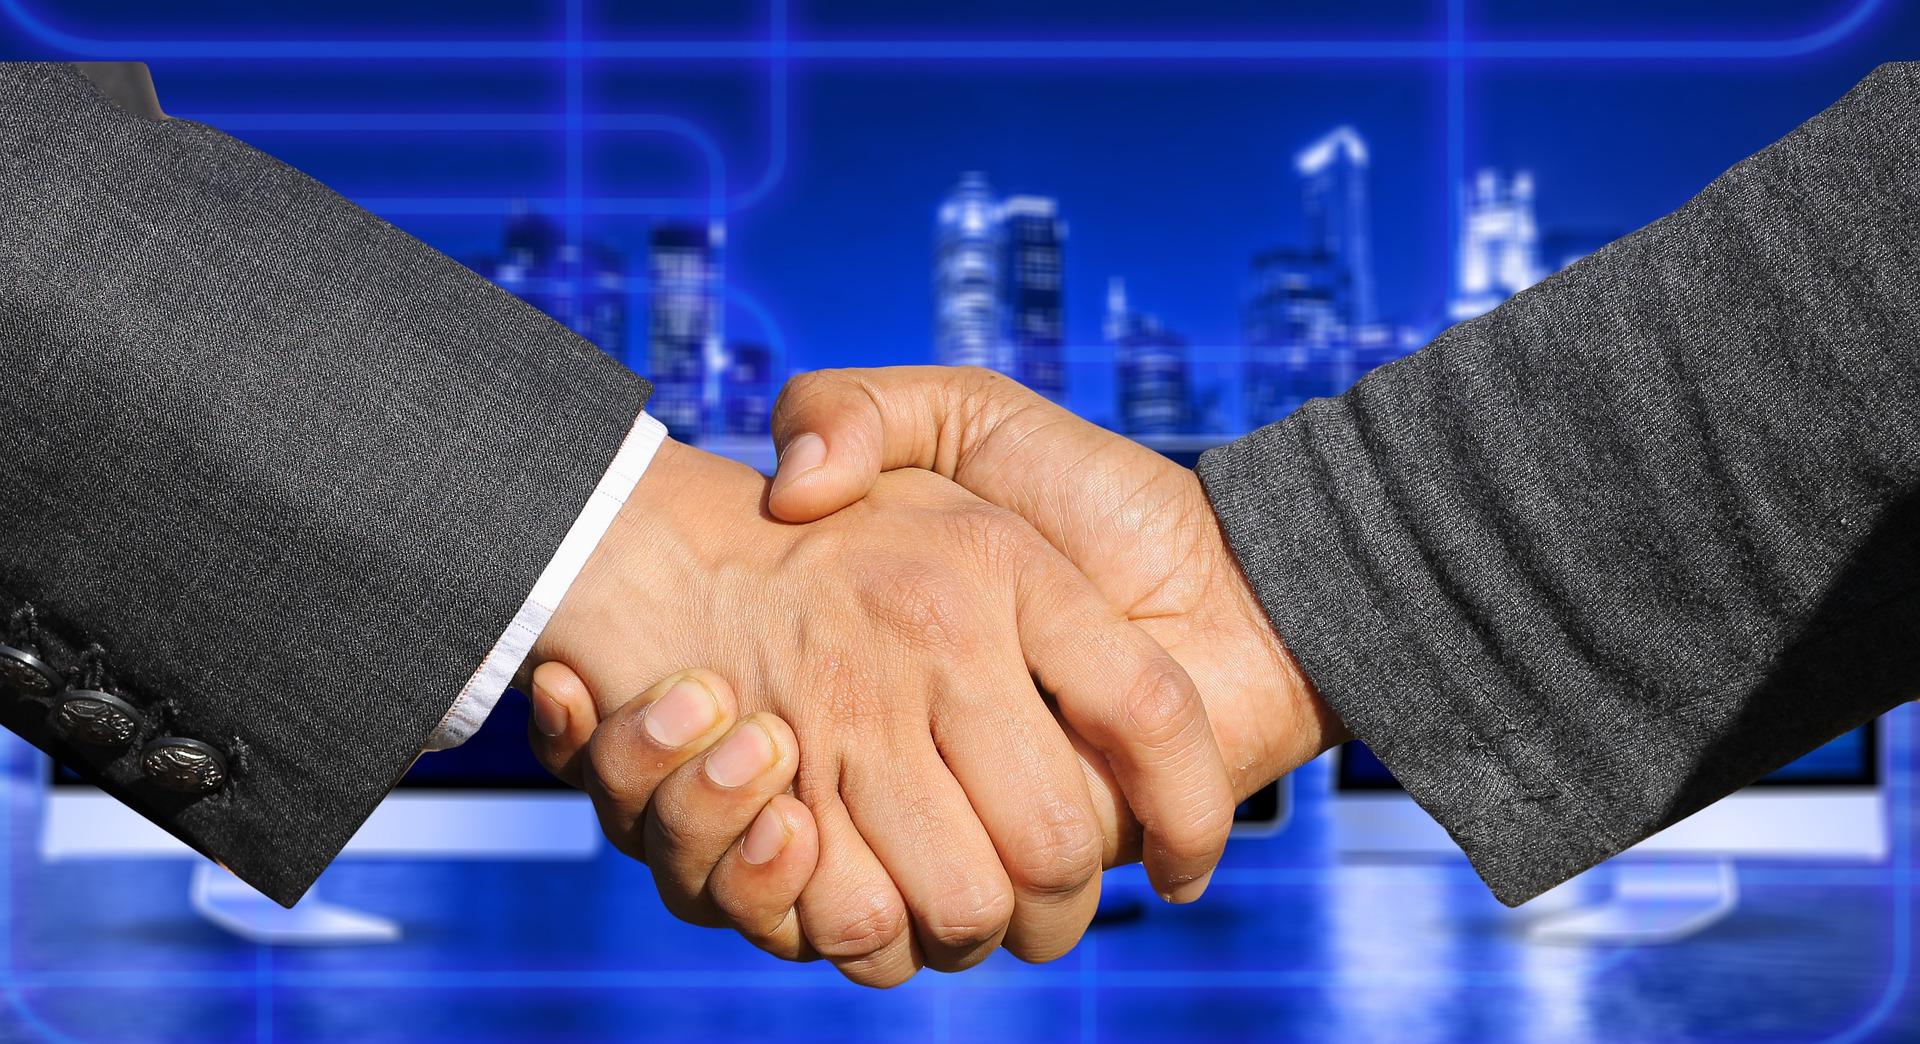 FLEETCOR to Acquire Nvoicepay